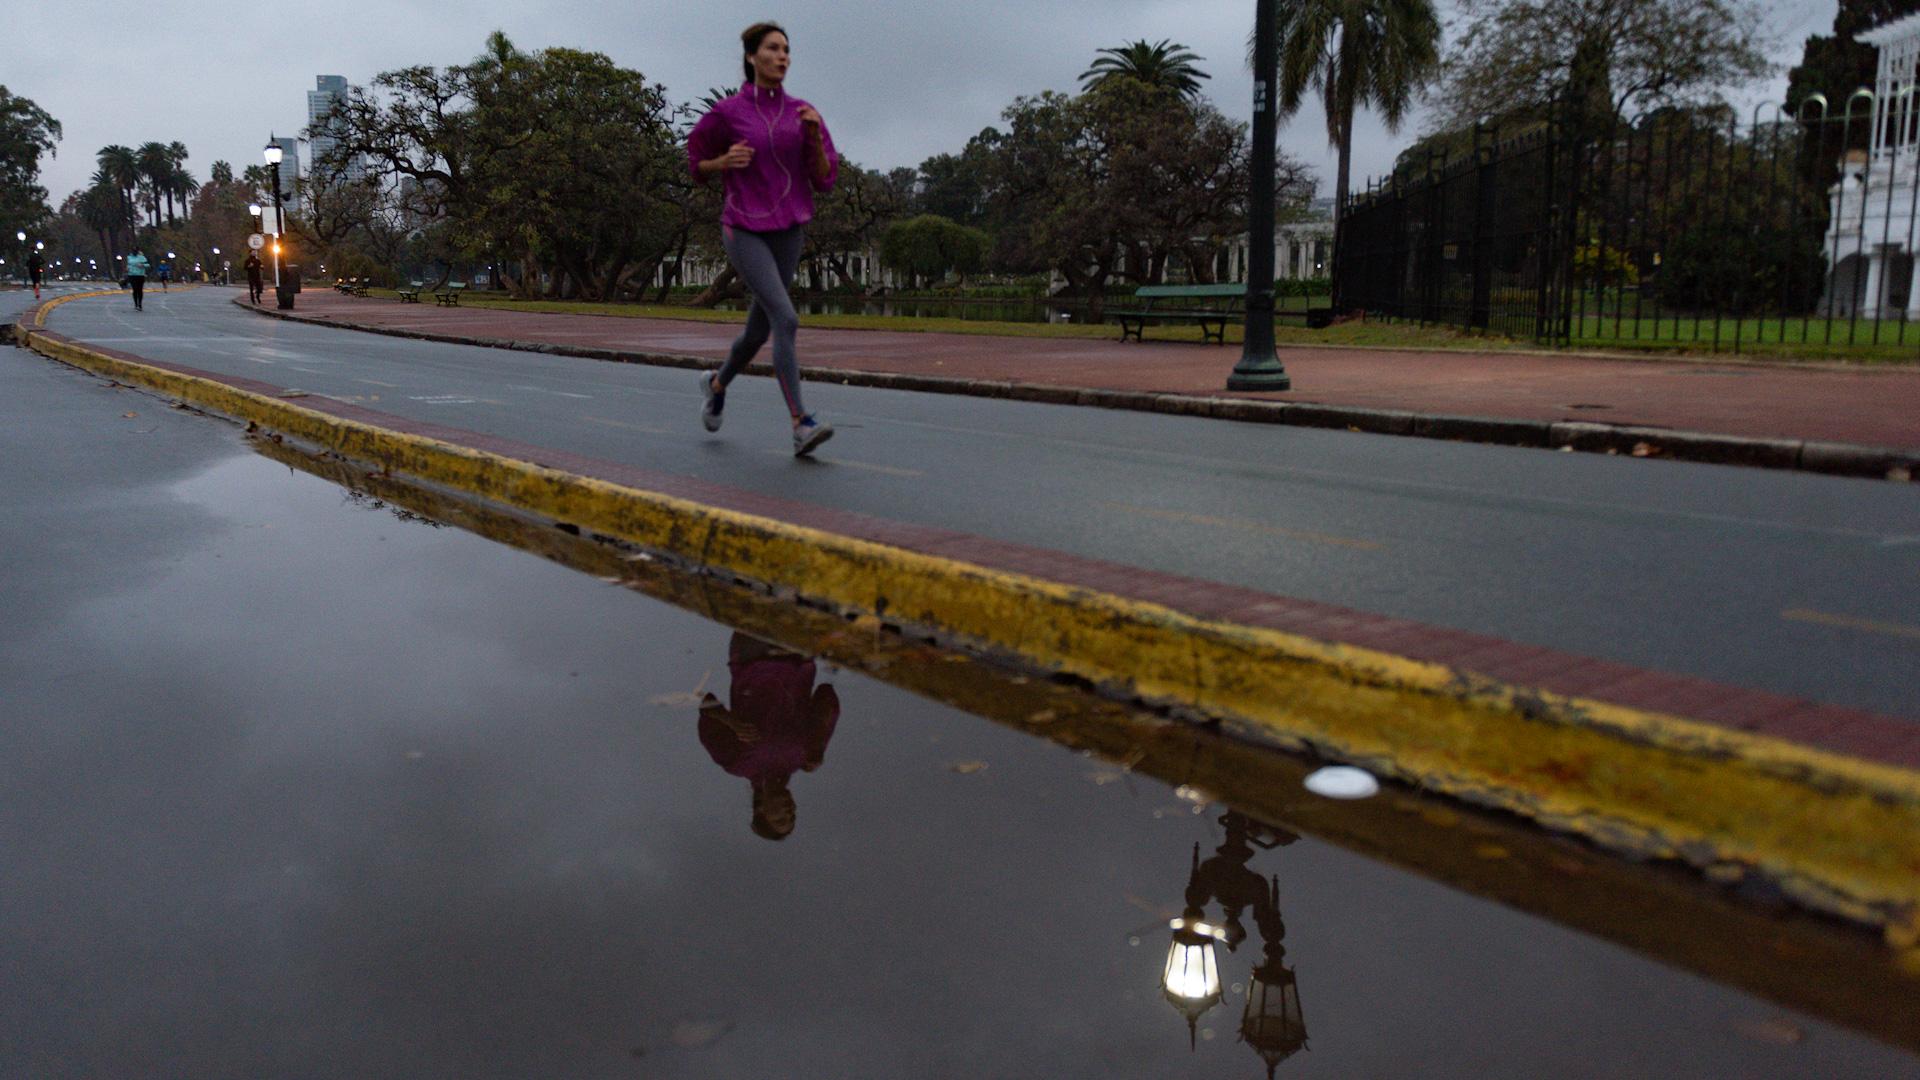 Entre los runners no se vieron barbijos. El protocolo publicado por el gobierno porteño no establece su obligatoriedad.